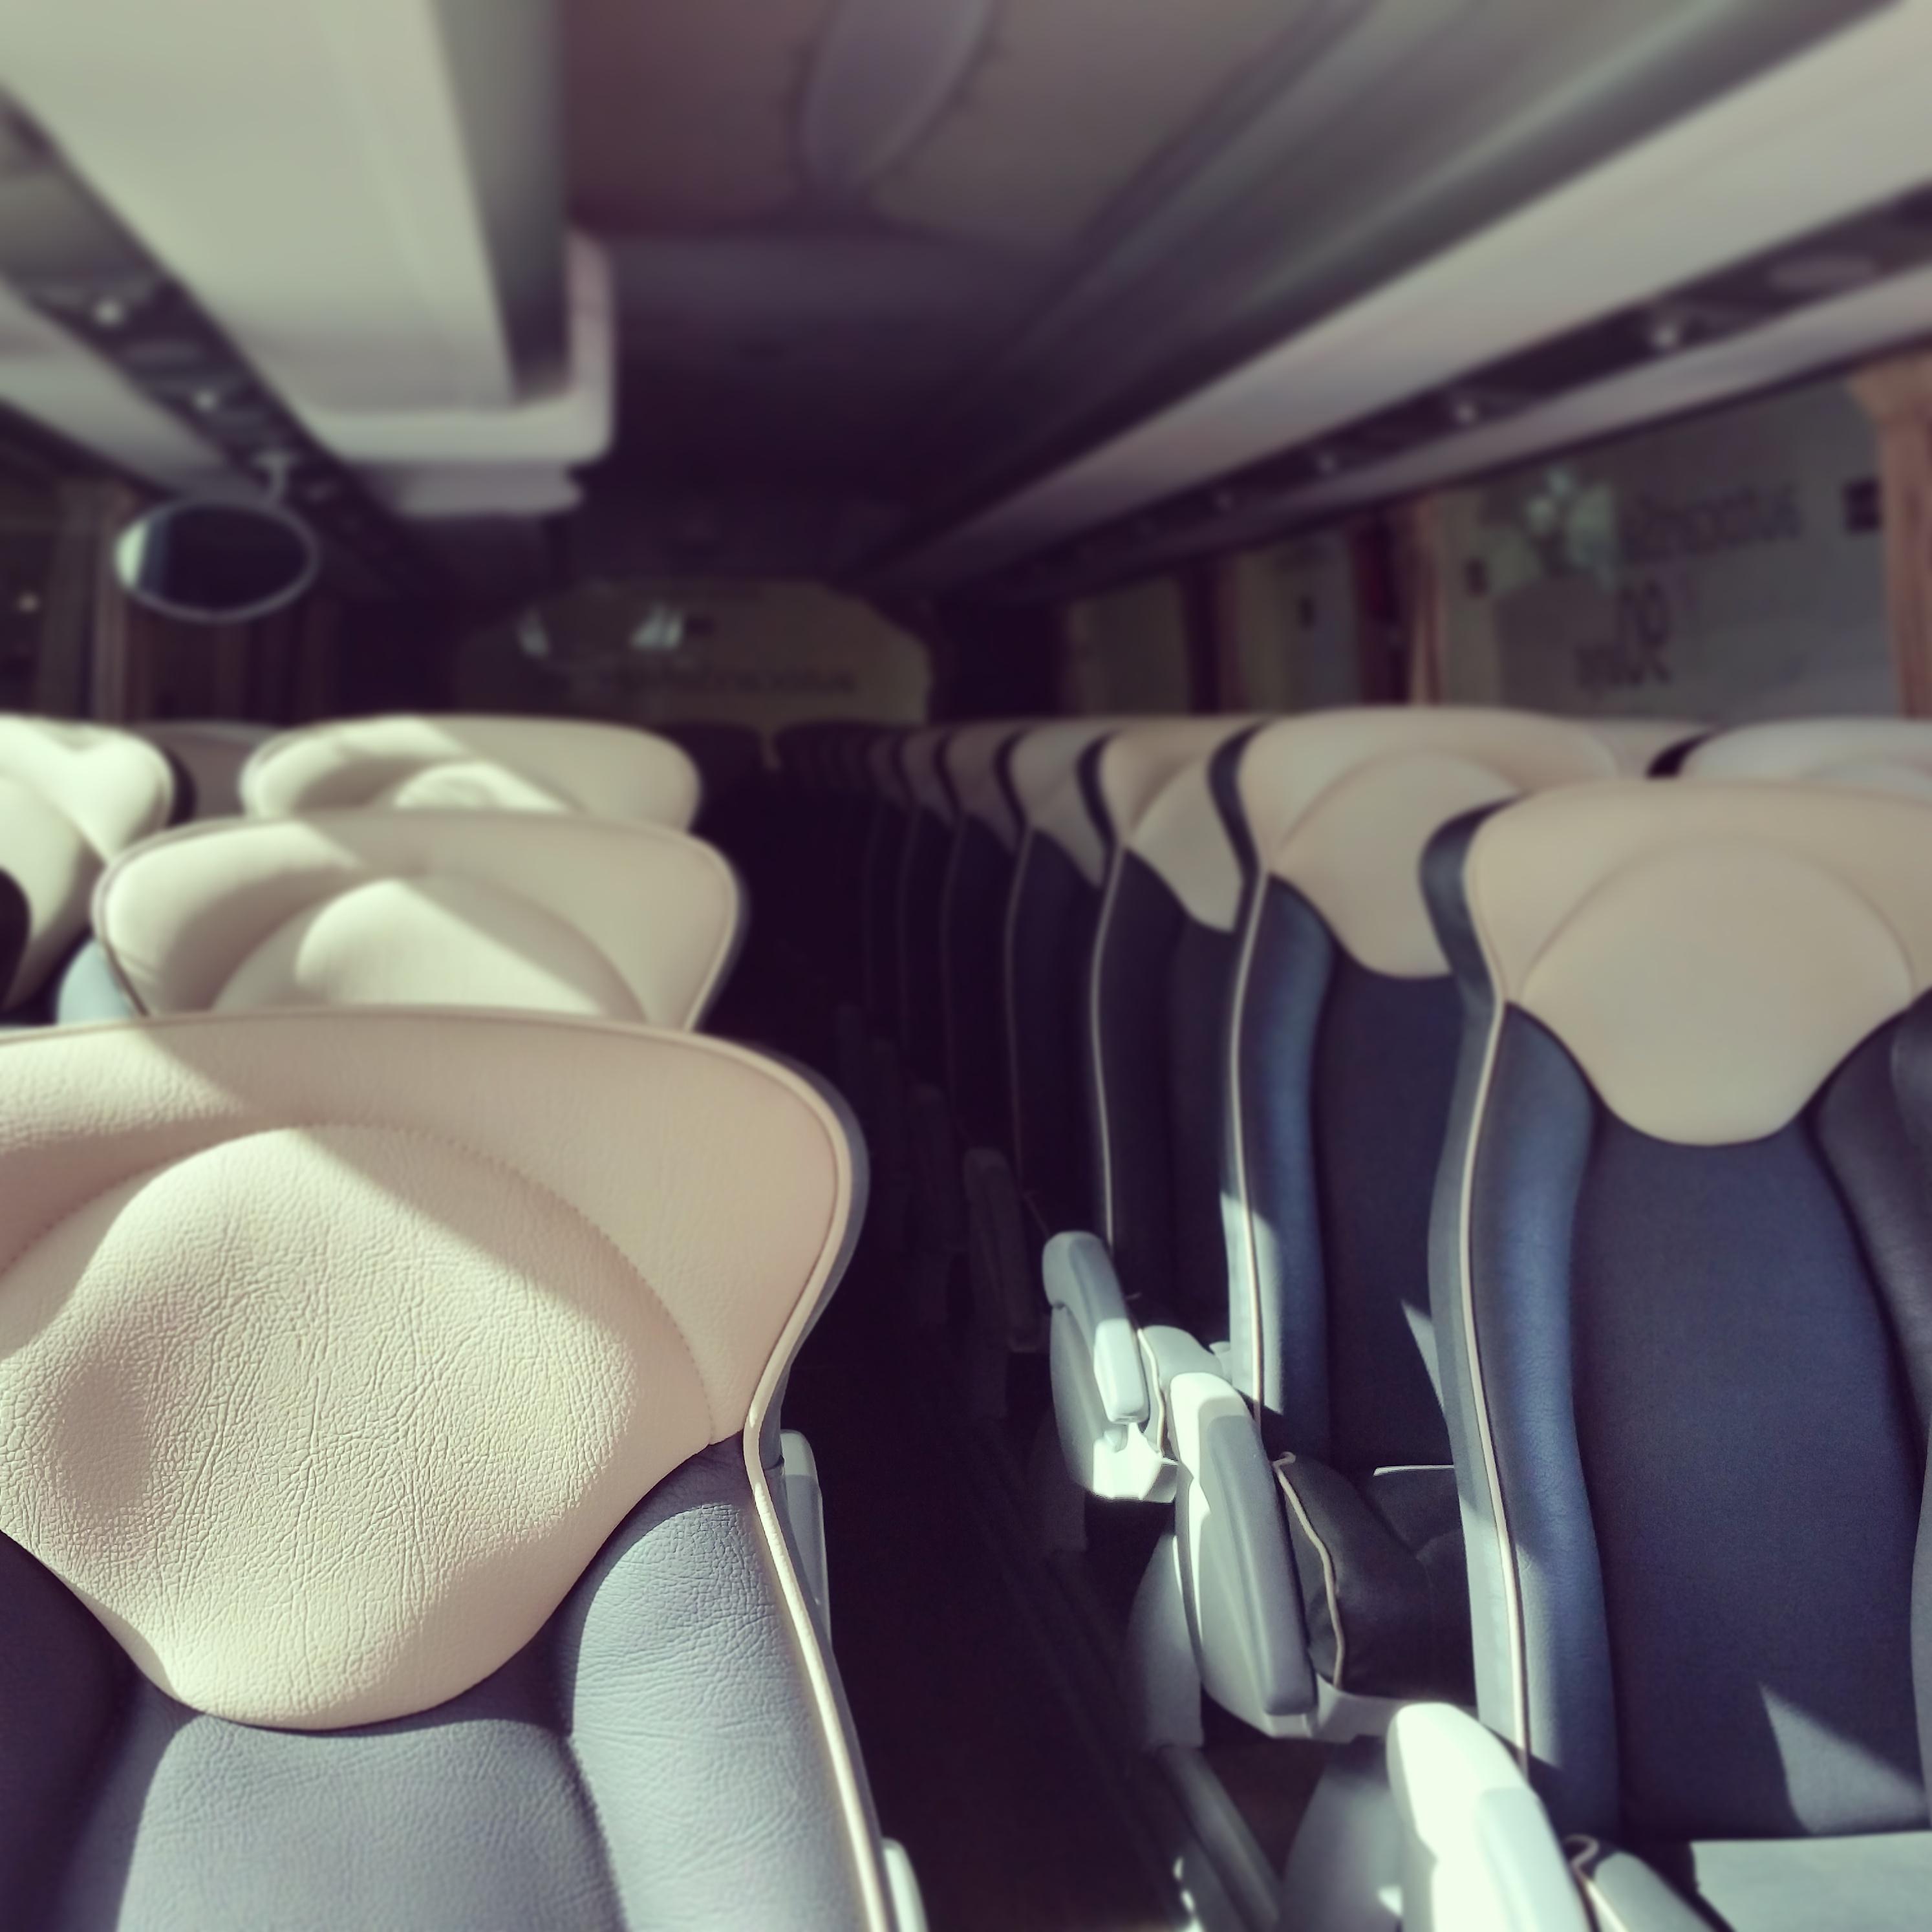 elClaxon interior autocar irizar i6 asientos piel barcelona